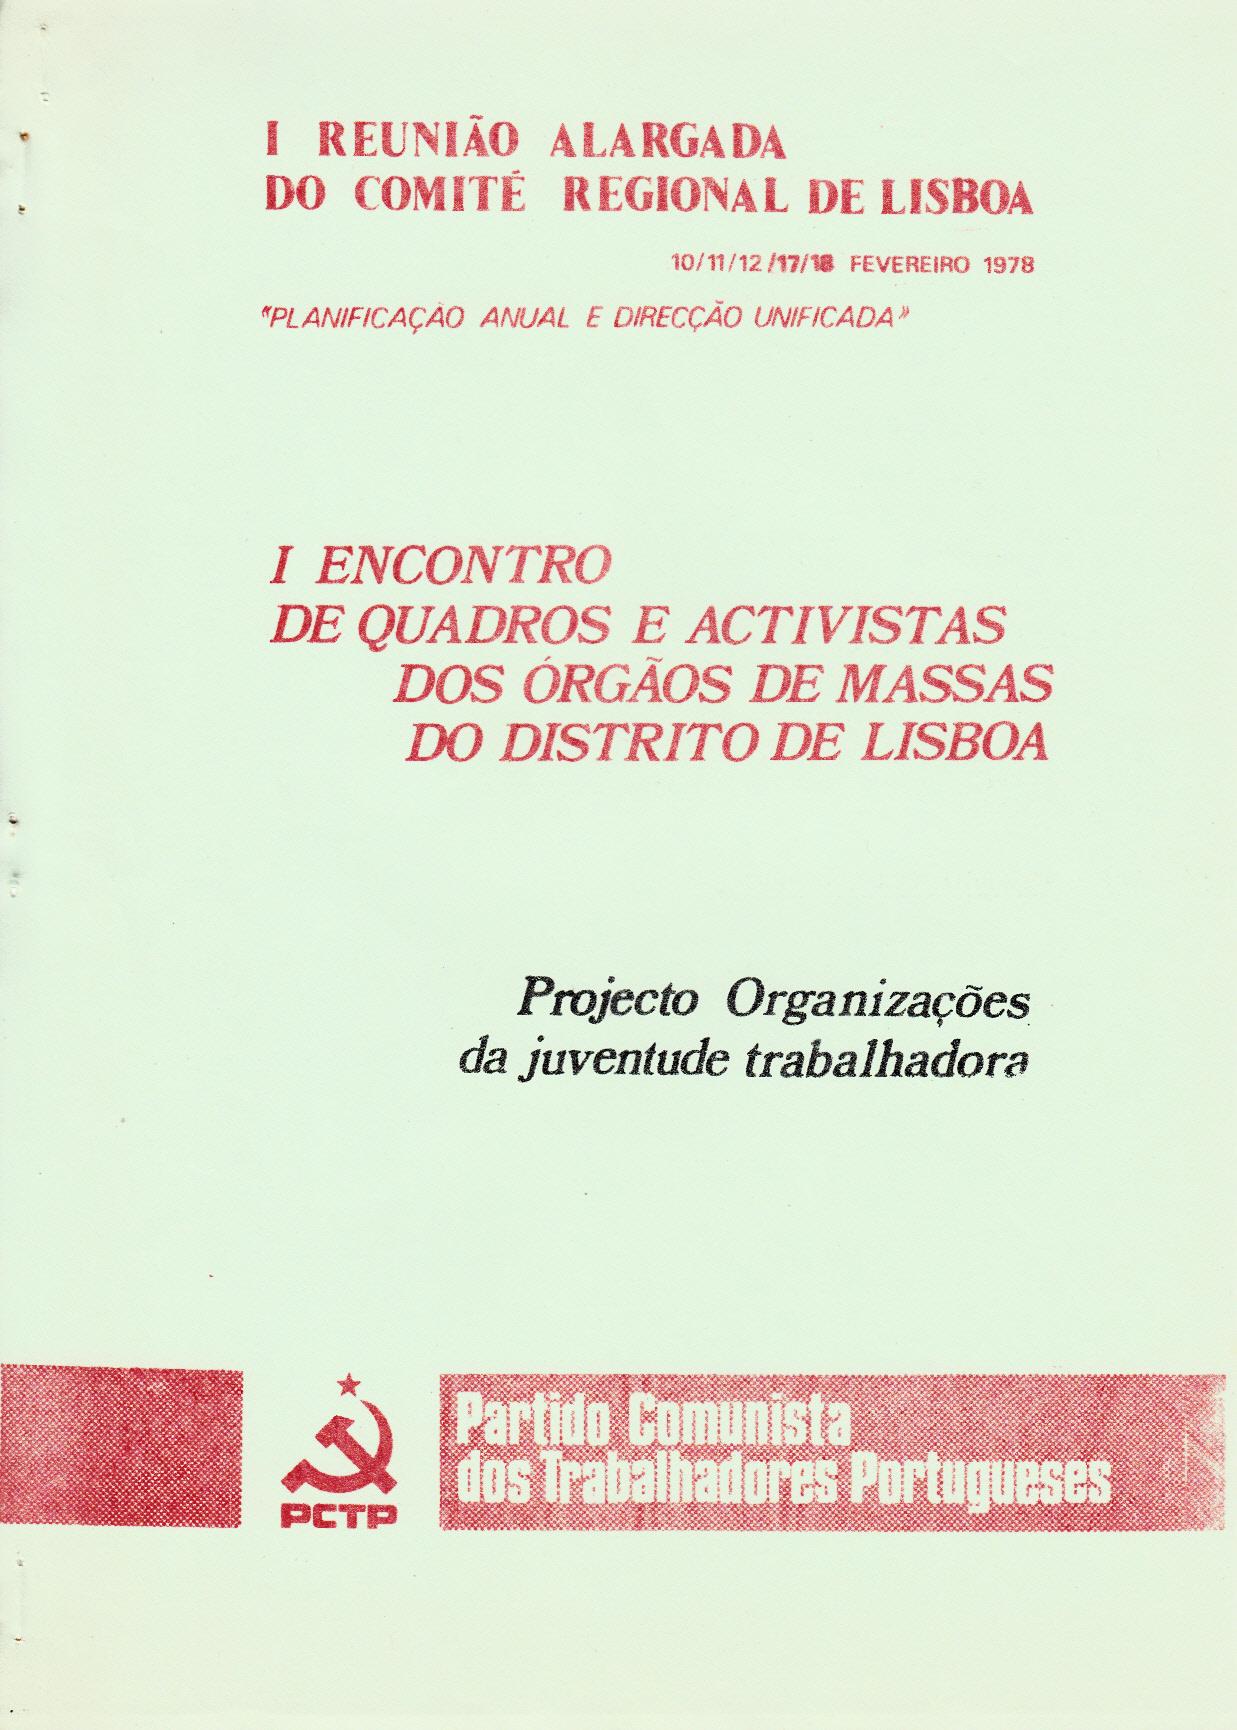 MRPP_1978_02_10_k